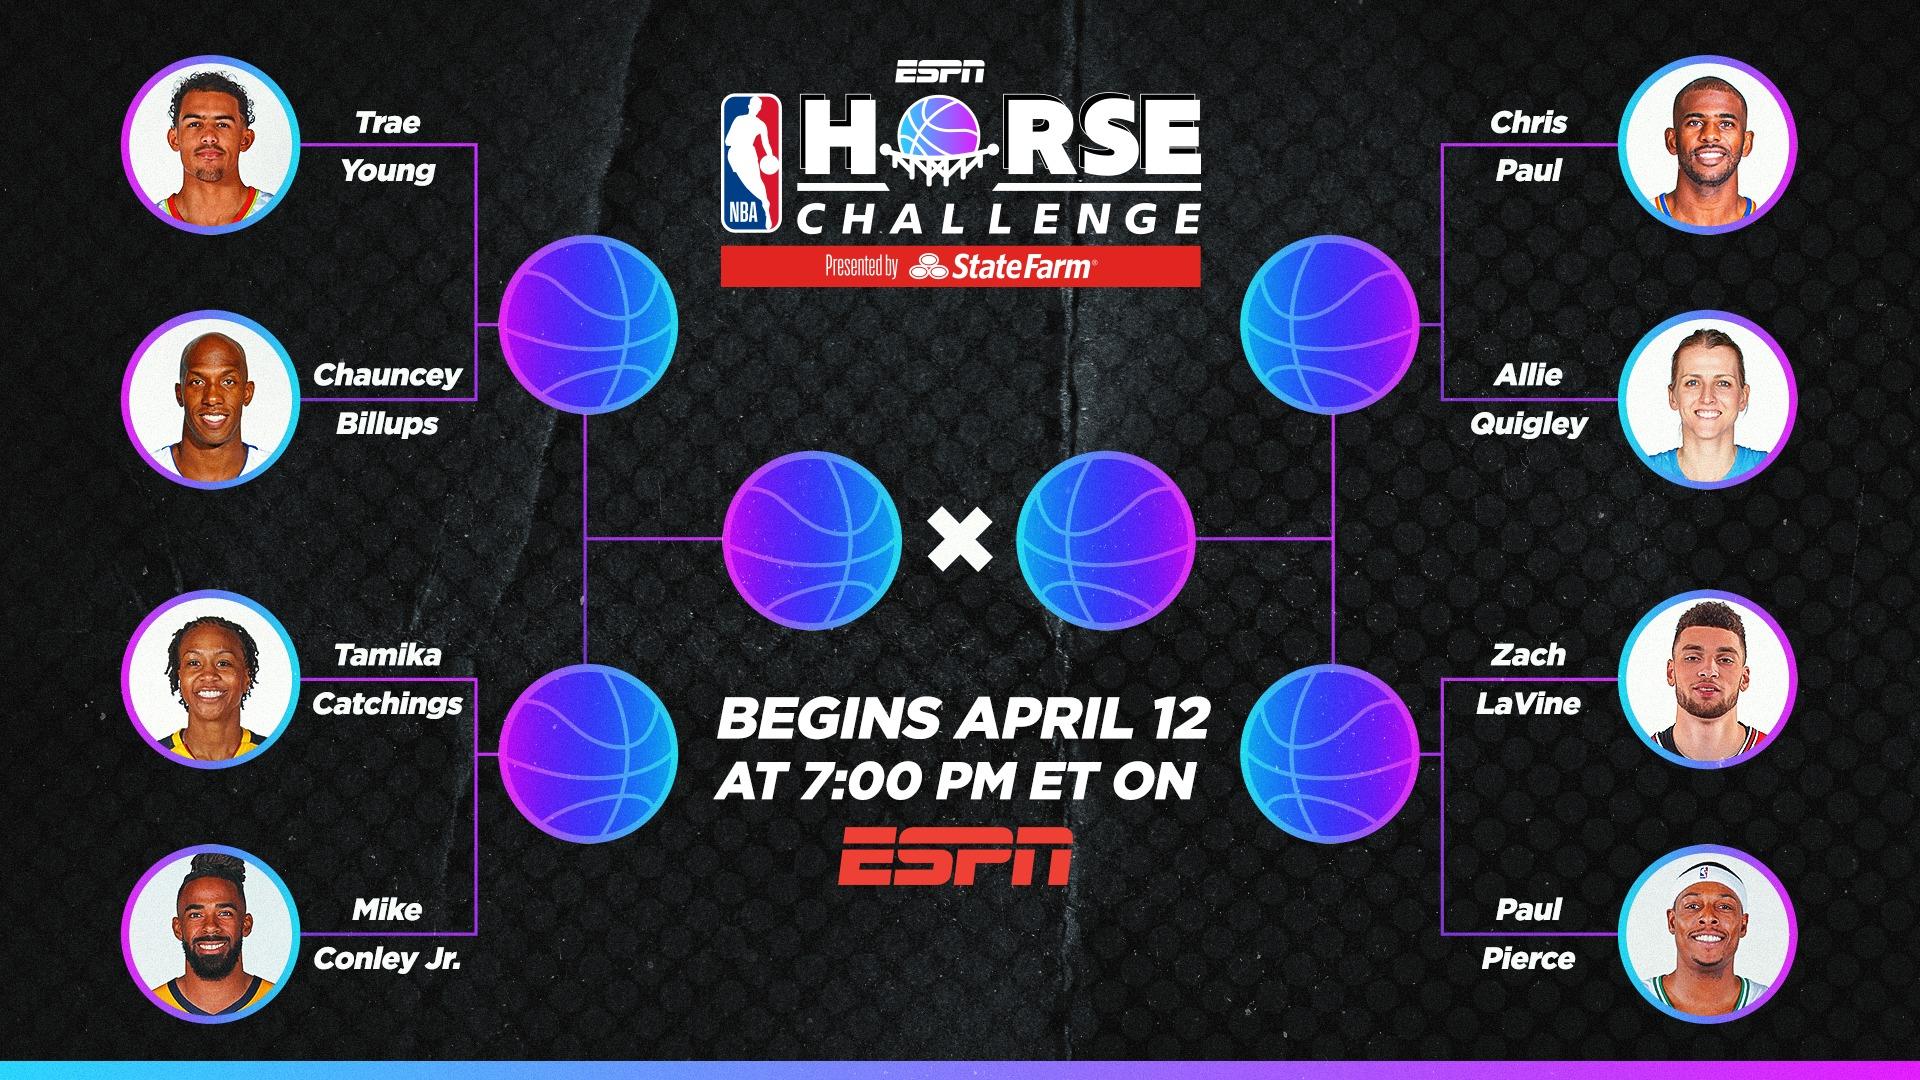 desafío HORSE